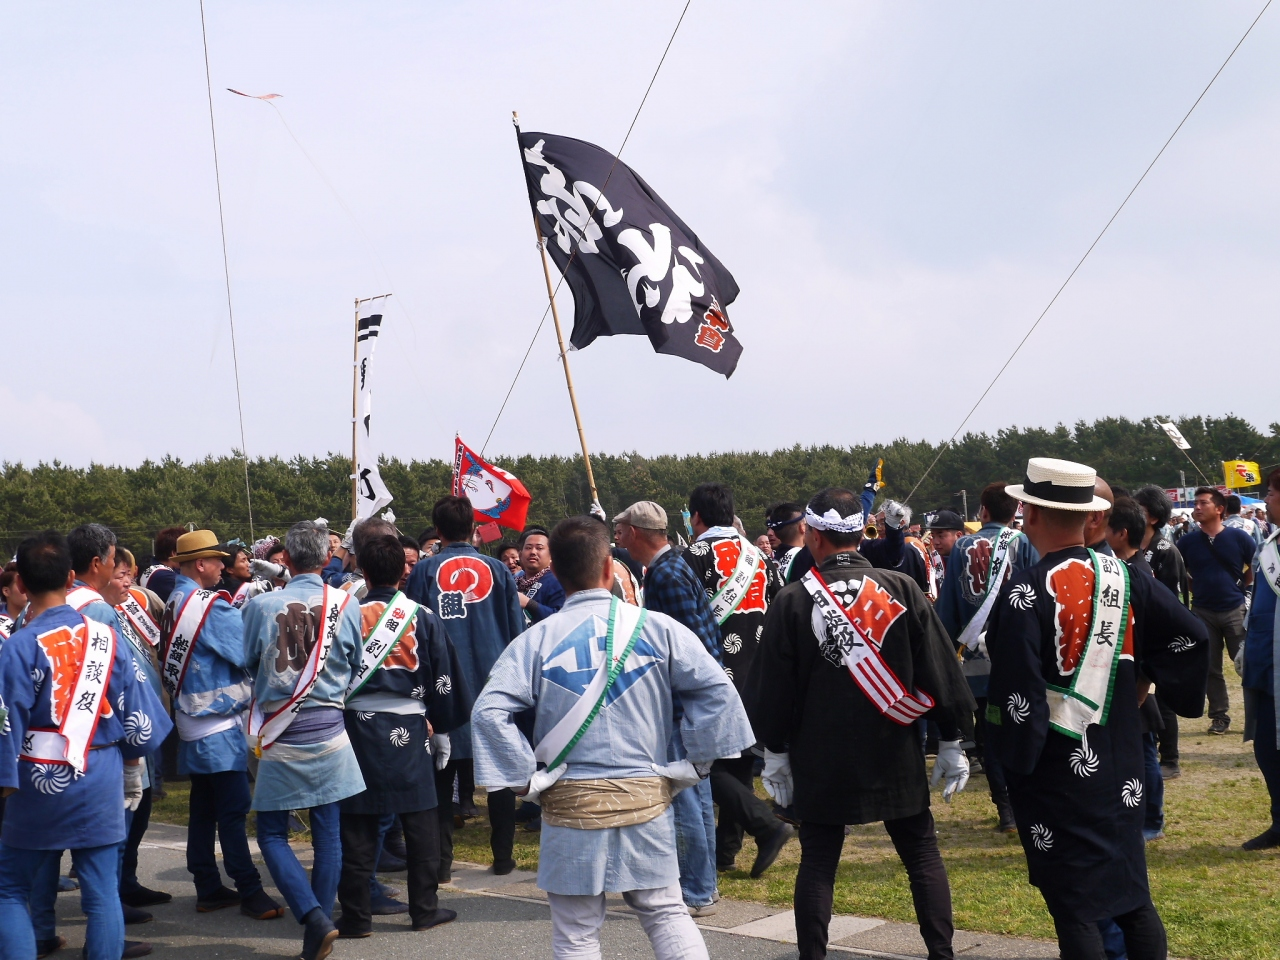 『浜松まつりへ』浜松(静岡県)の旅行記・ブログ by Kオジサン ...